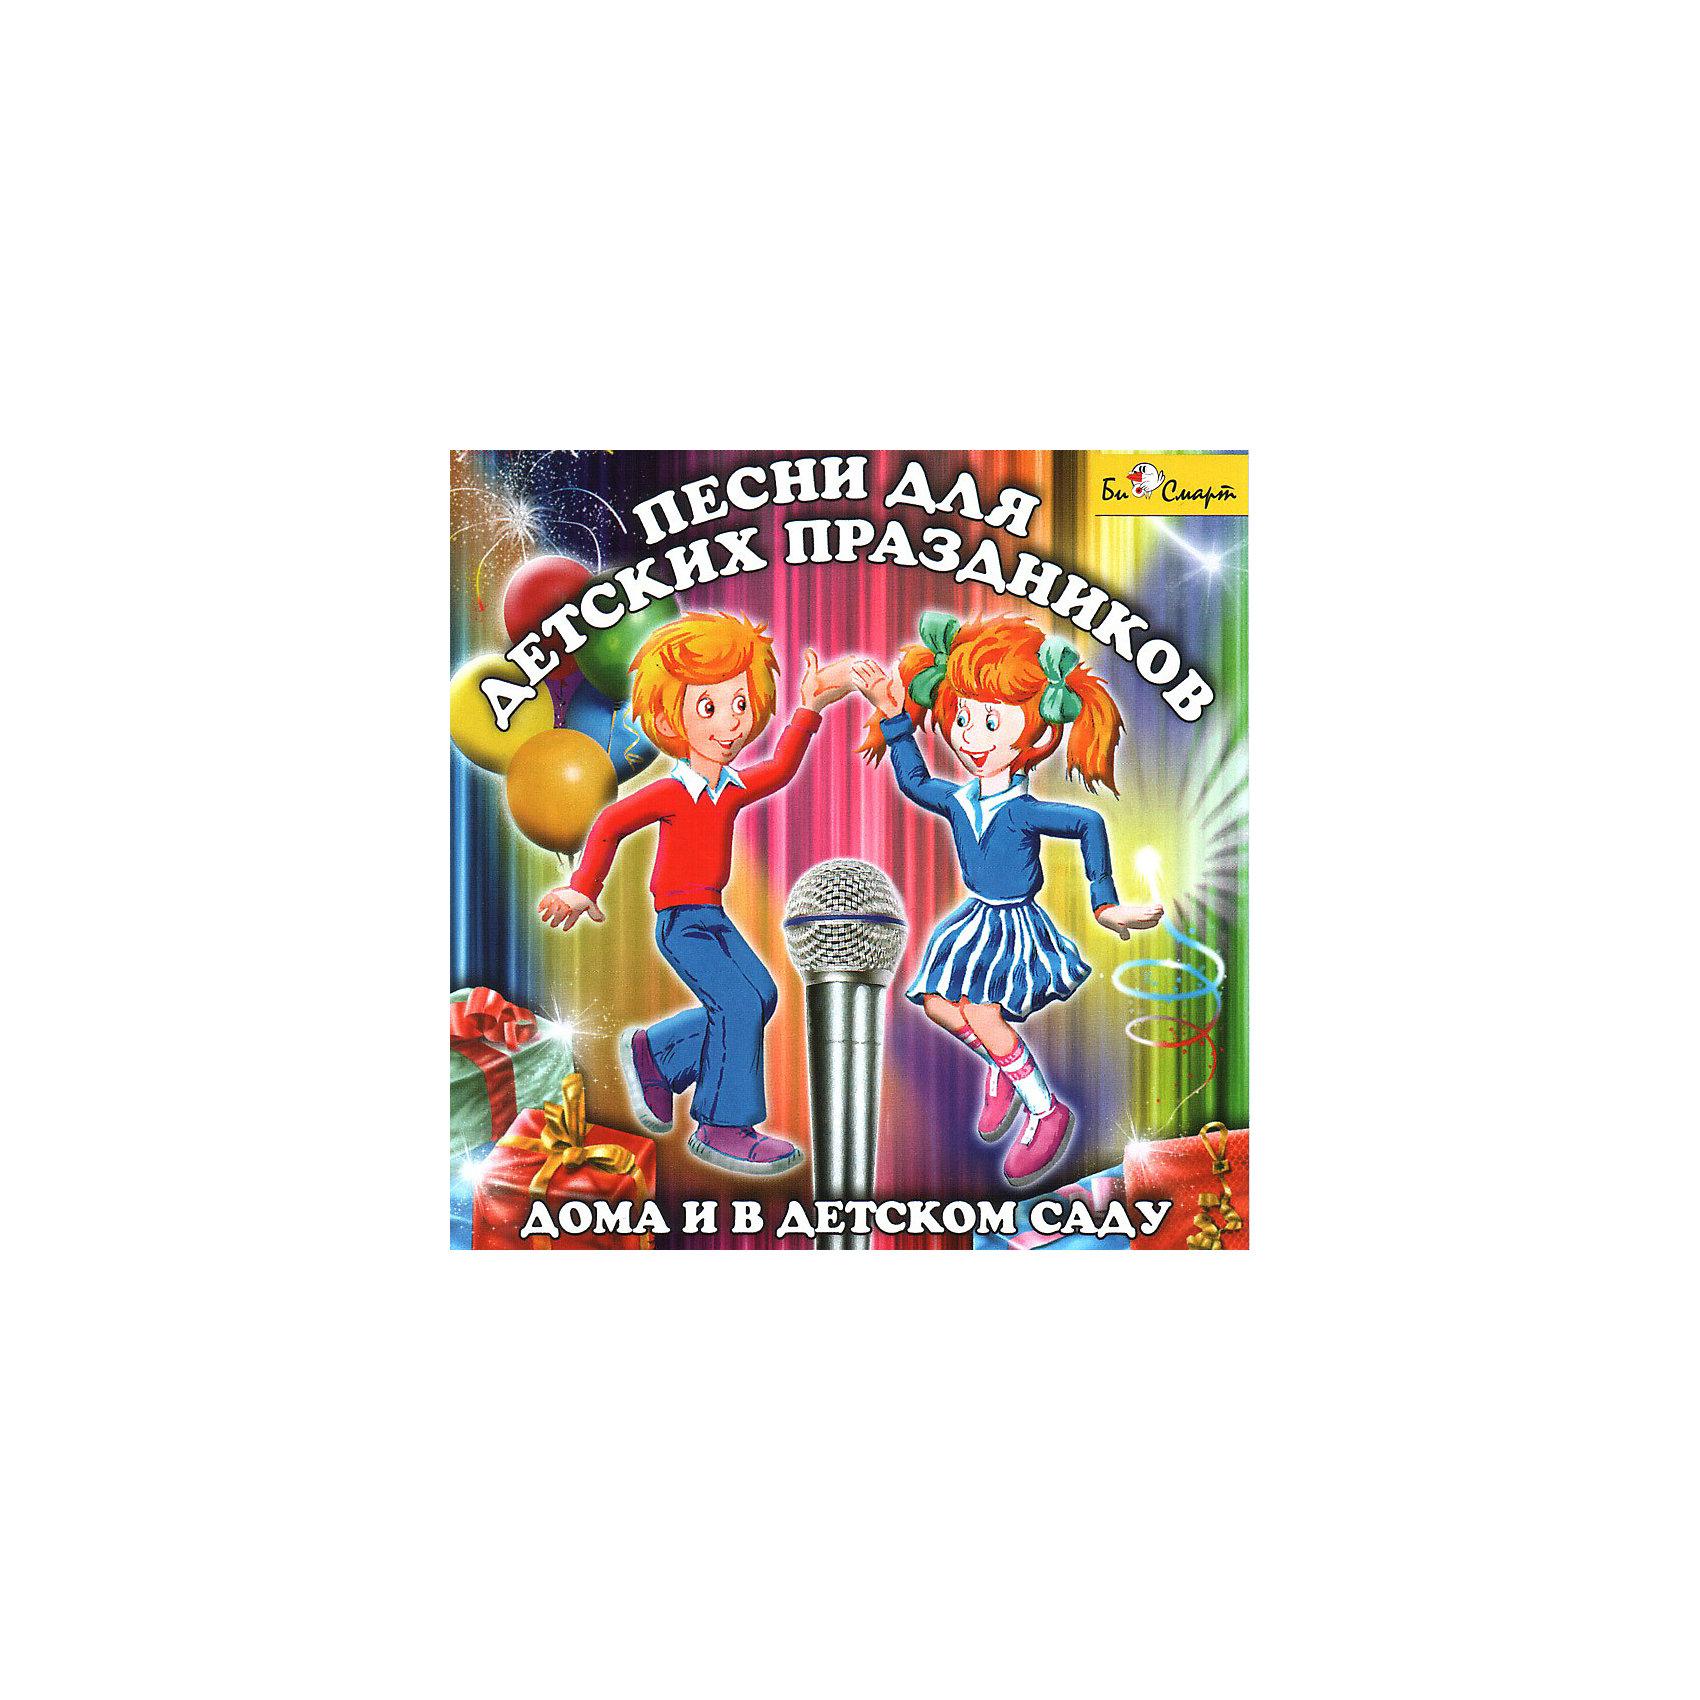 Би Смарт CD. Песни для детских праздников дома и в детском садуБи Смарт<br>CD с песенками для детских праздников.<br><br>Ну кто из детей не любит дискотеку? Особенно если ее ведет <br>Маэстро Учитель танцев, который не только учит ребят <br>танцевать, но и поет очень смешные песенки про шоу мыльных <br>пузырей, зоопарк, веселого гнома и другие. Под такую <br>музыку просто невозможно устоять на месте. Дискотека - <br>это радость, дискотека-это счастье, дискотека - это <br>здоровье, дискотека - это веселье для мальчишек и <br>девчонок! <br>Хотите быть всегда веселыми и здоровыми - <br>закажите диск Песни для детских праздников дома и в детском саду».<br><br>Содержание:<br><br>01.Привет ребята, привет девчонки!  <br>02.Учитель танцев  <br>03.Собачки лают  <br>04.Зоопарк  <br>05.Мыльные пузыри  <br>06.Чихуа-Хуа  <br>07.Весёлый Гном  <br>08.Грибы-Ягоды  <br>09.Пиратская песня Острова  <br>10.Новый Год  <br>11.Учитель танцев(минус)  <br>12.Собачки лают(минус)<br><br>Ширина мм: 142<br>Глубина мм: 10<br>Высота мм: 125<br>Вес г: 79<br>Возраст от месяцев: 36<br>Возраст до месяцев: 72<br>Пол: Унисекс<br>Возраст: Детский<br>SKU: 2375618